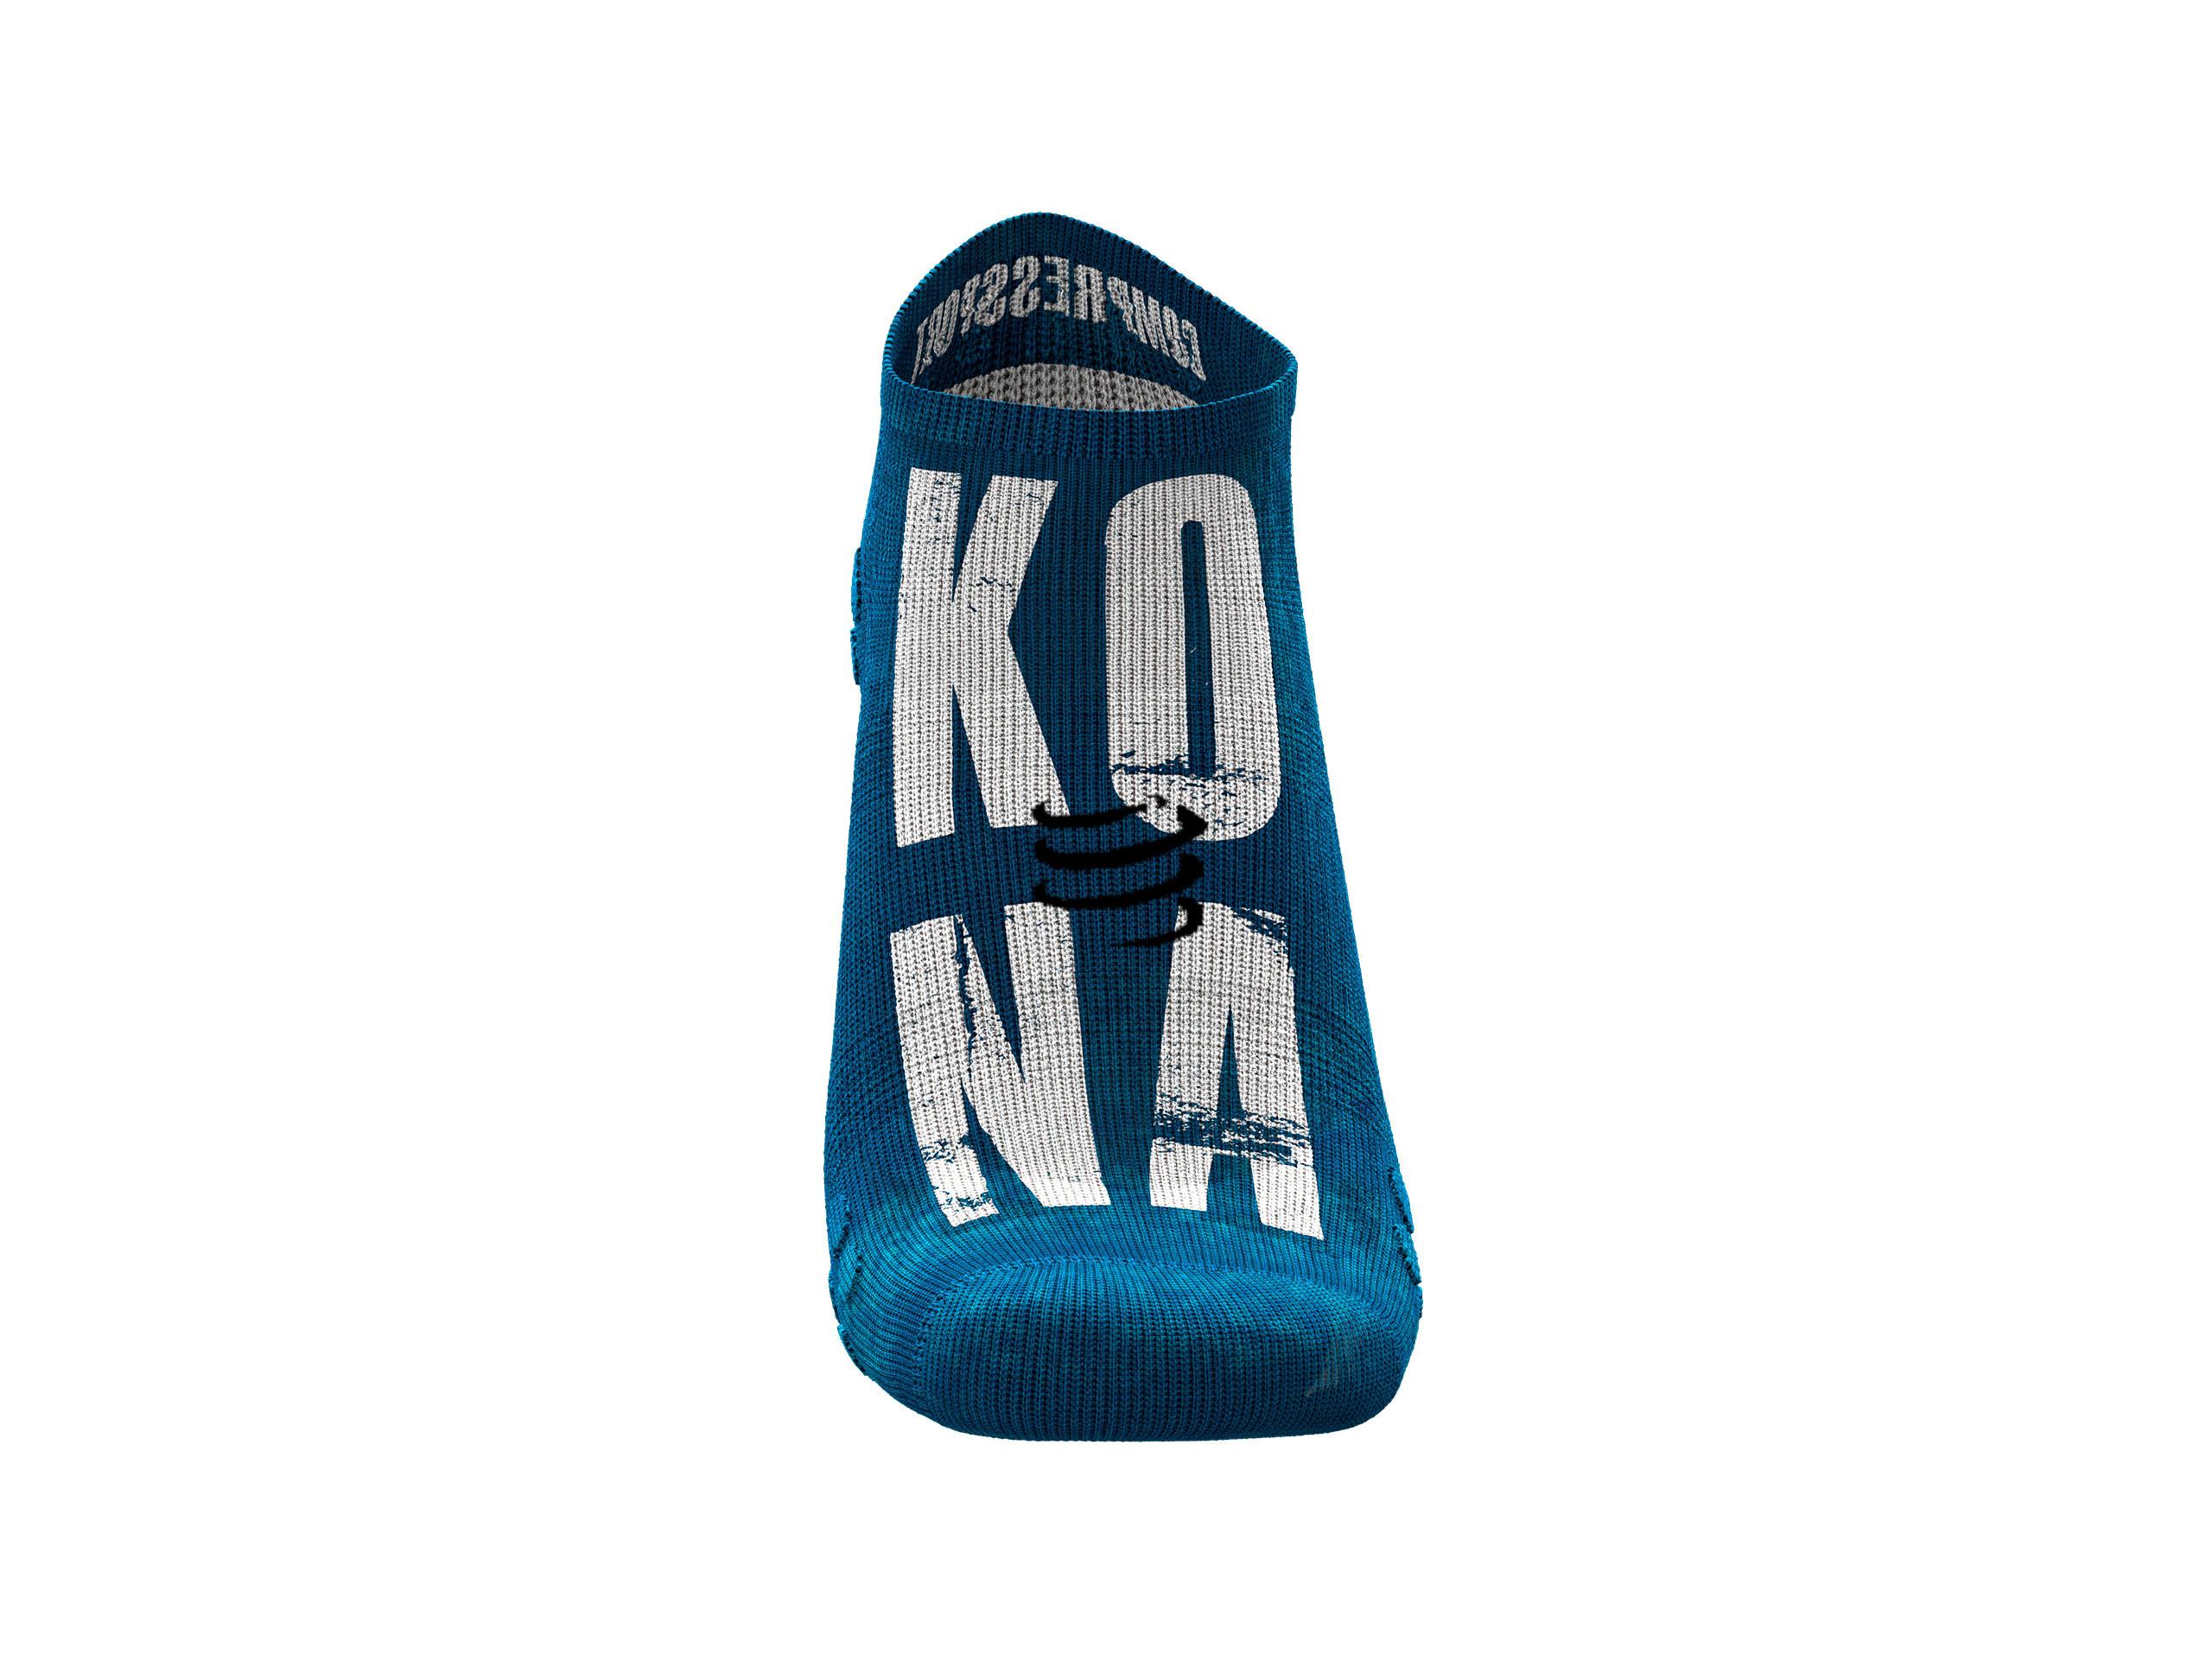 Calze da gara professionali v3.0 Ultralight Run High - Kona 2019